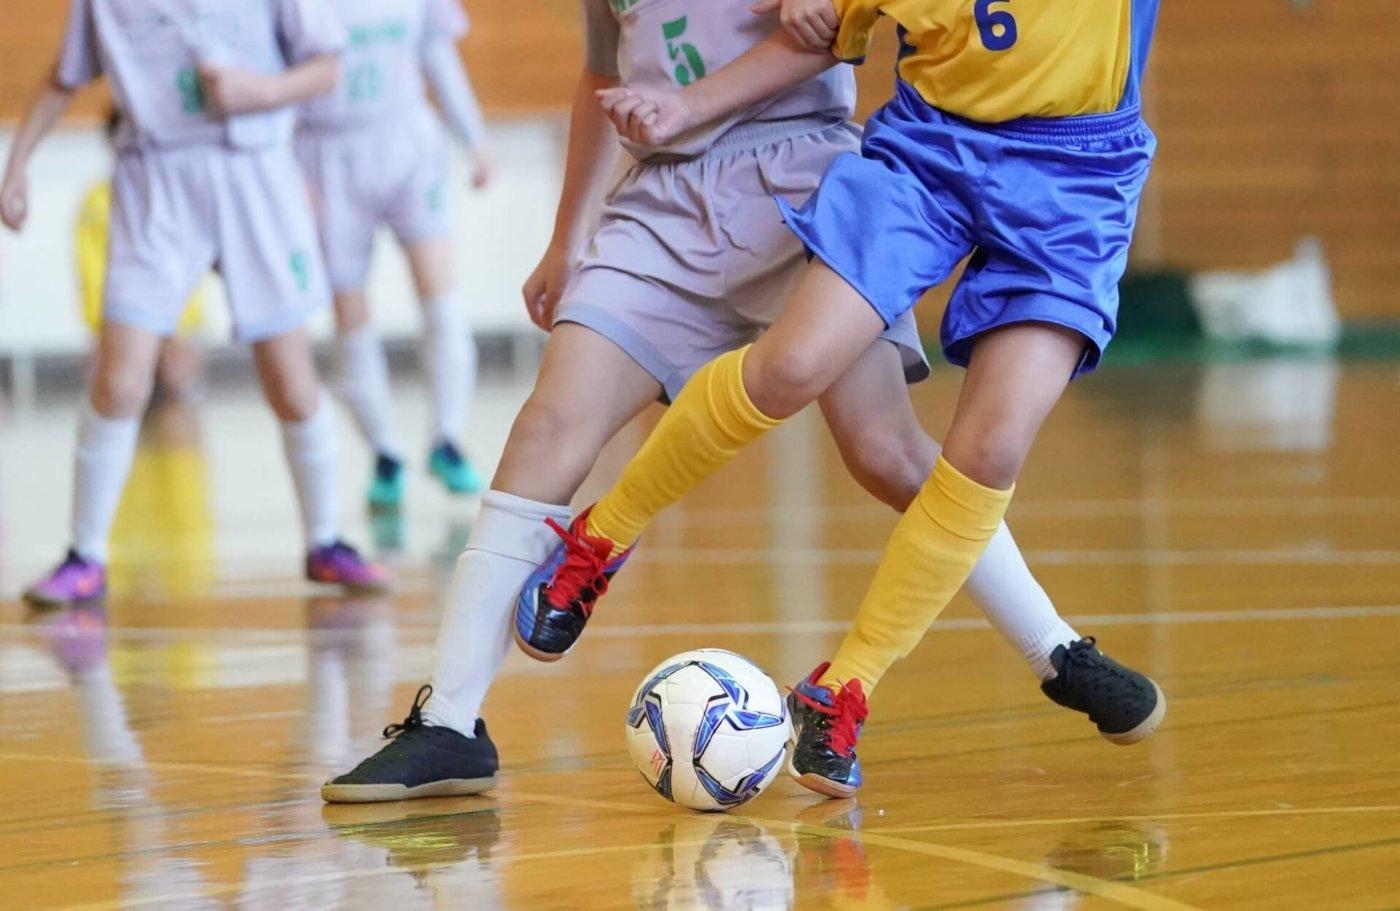 号球?フットサルボールの大きさの違い知っていますか?